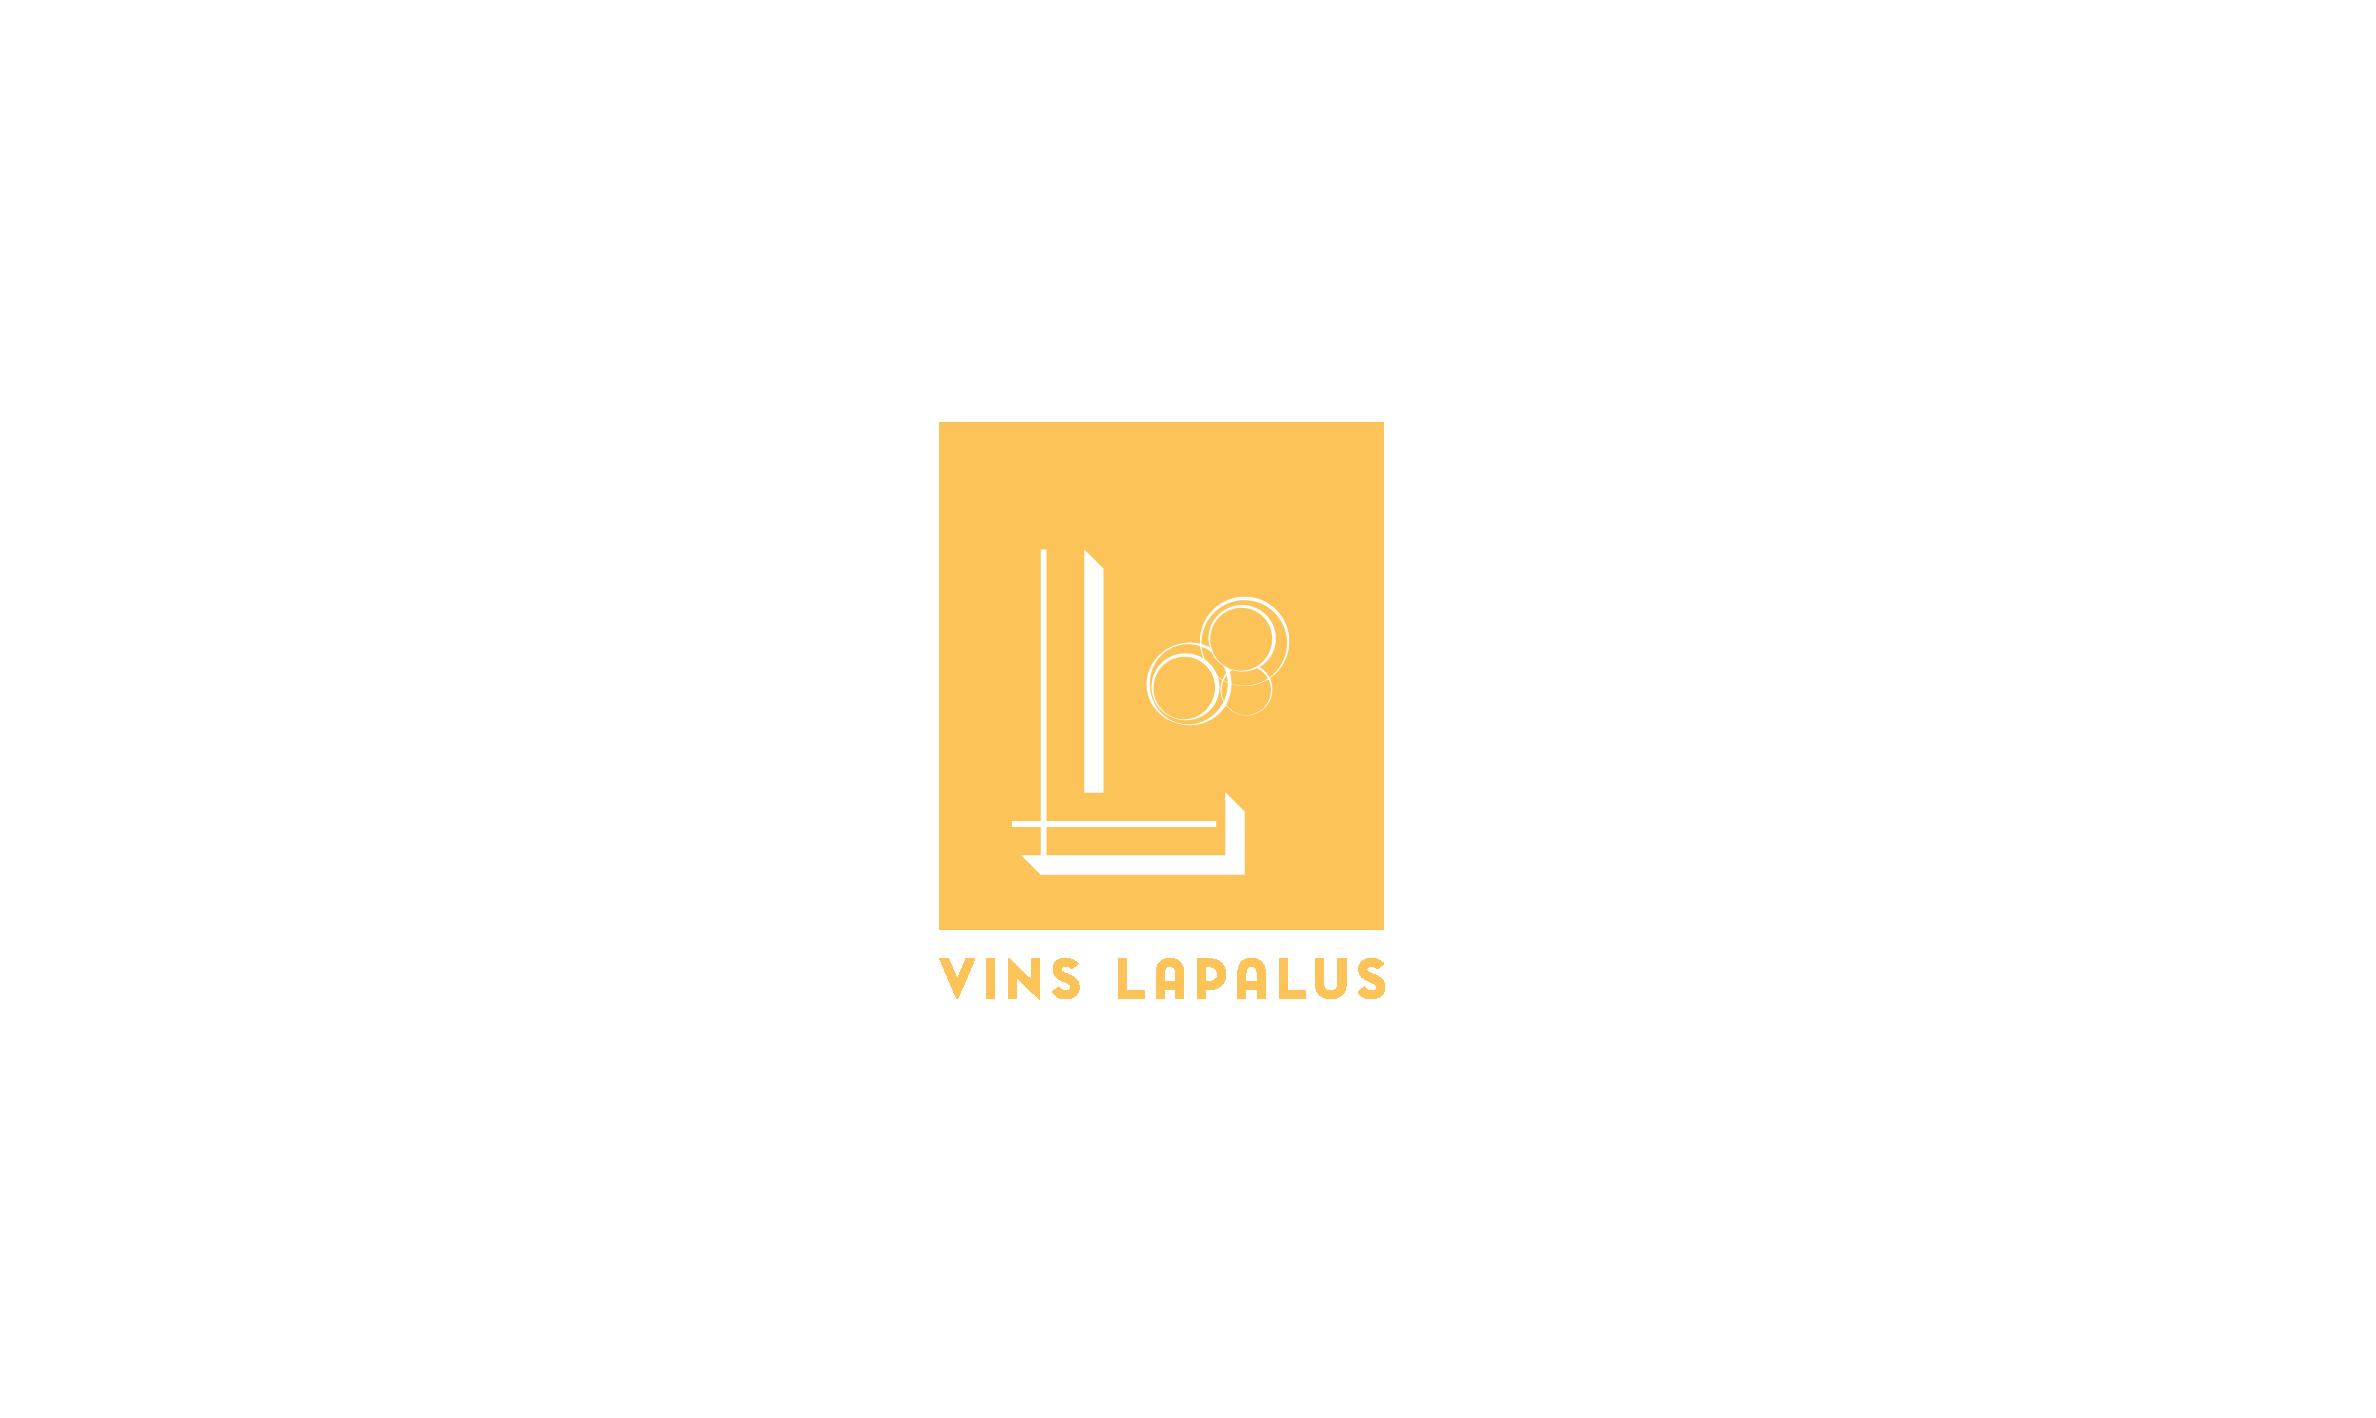 logo Vins Lapalus